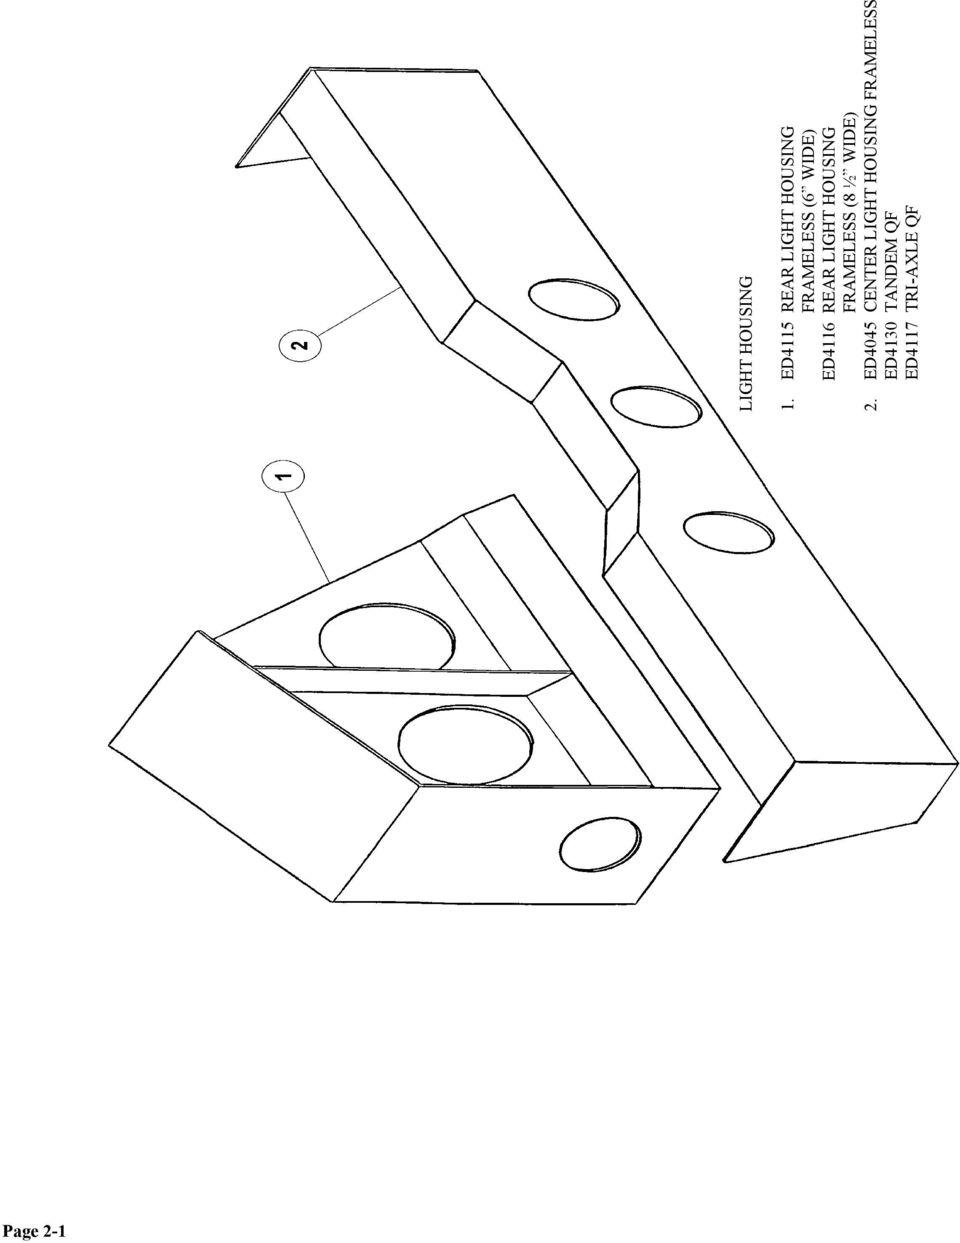 Ed4116 rear light housing frameless 8 ½ wide 2